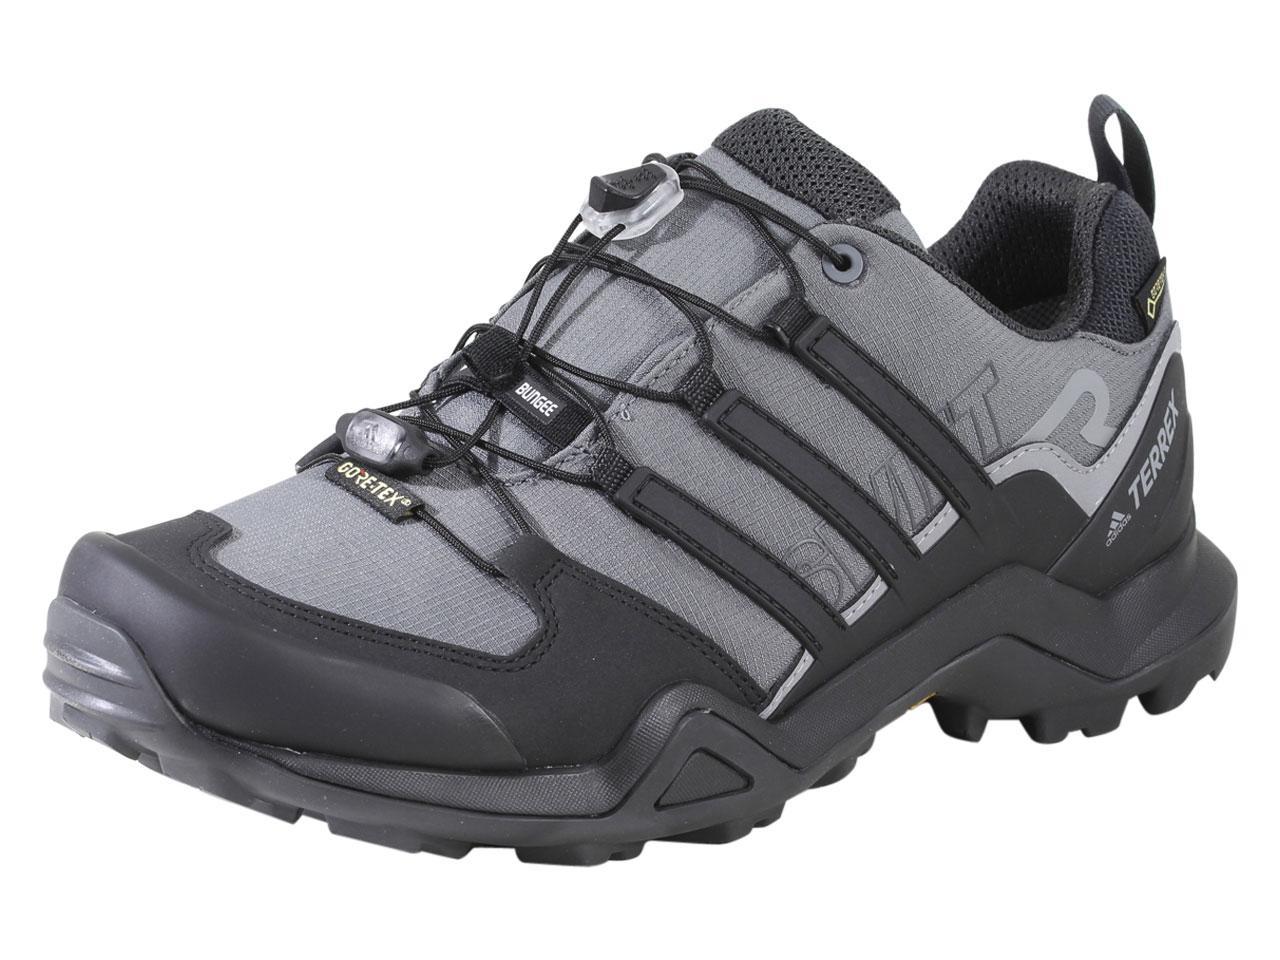 1b0acdfa266 Adidas Men s Terrex-Swift-R2-GTX Hiking Sneakers Shoes